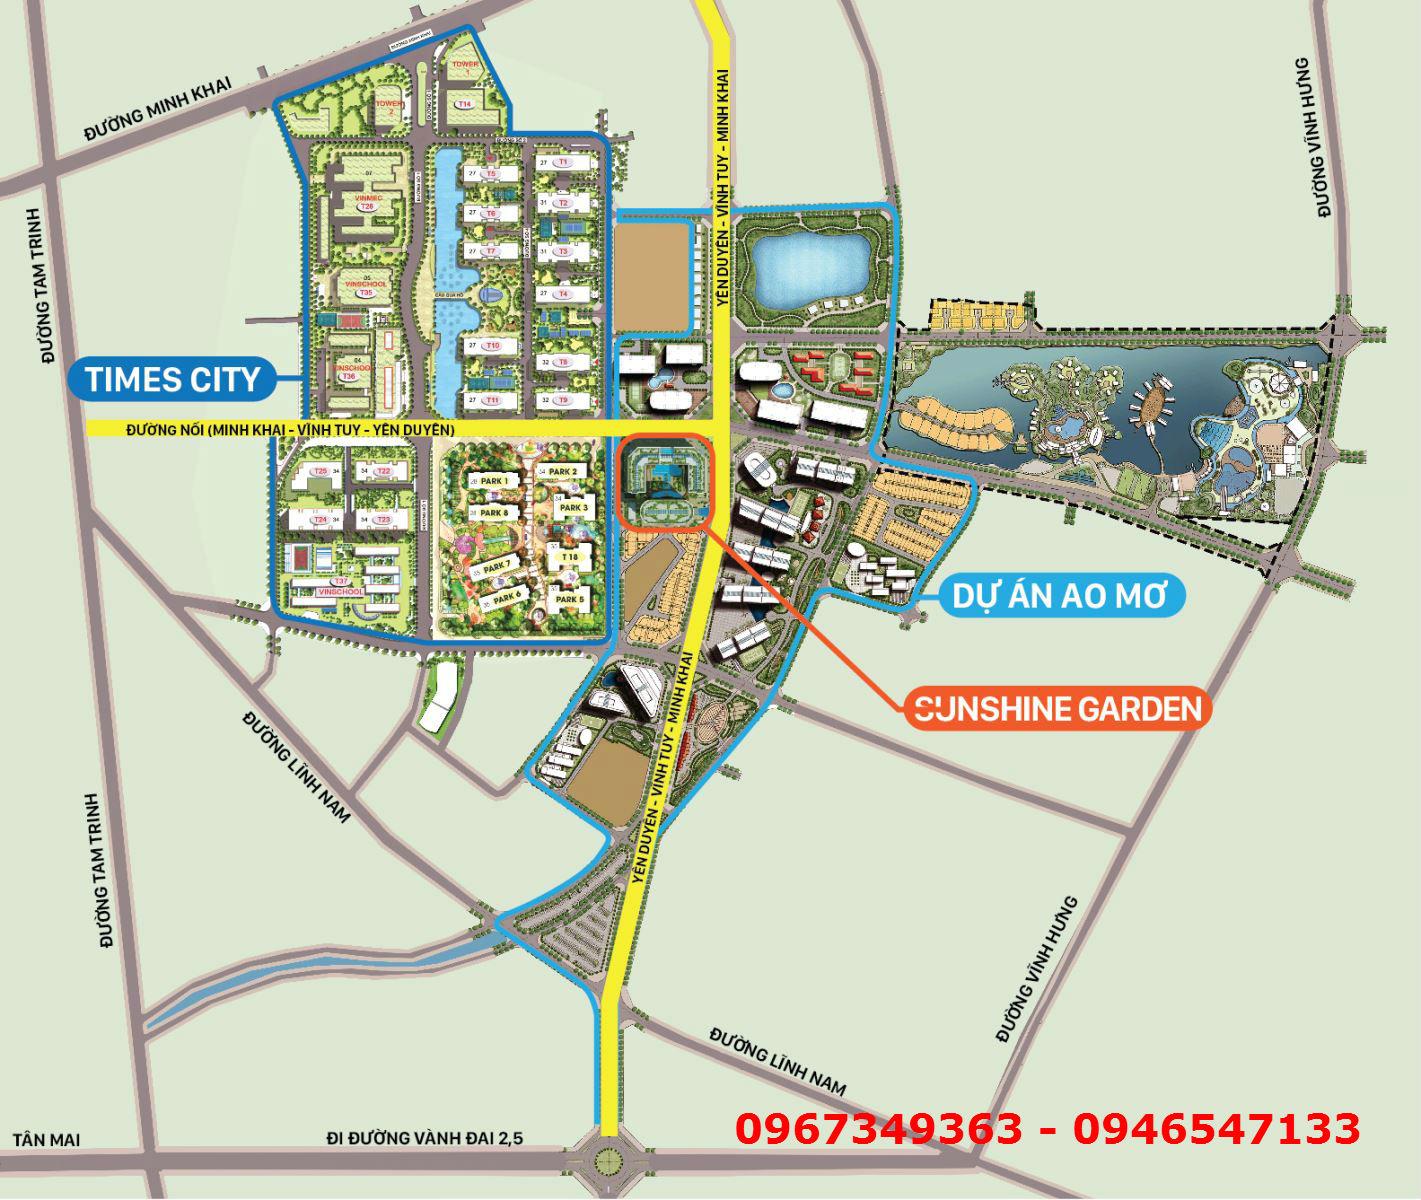 Quy hoạch Vĩnh Tuy - Yên Duyên - Minh Khai